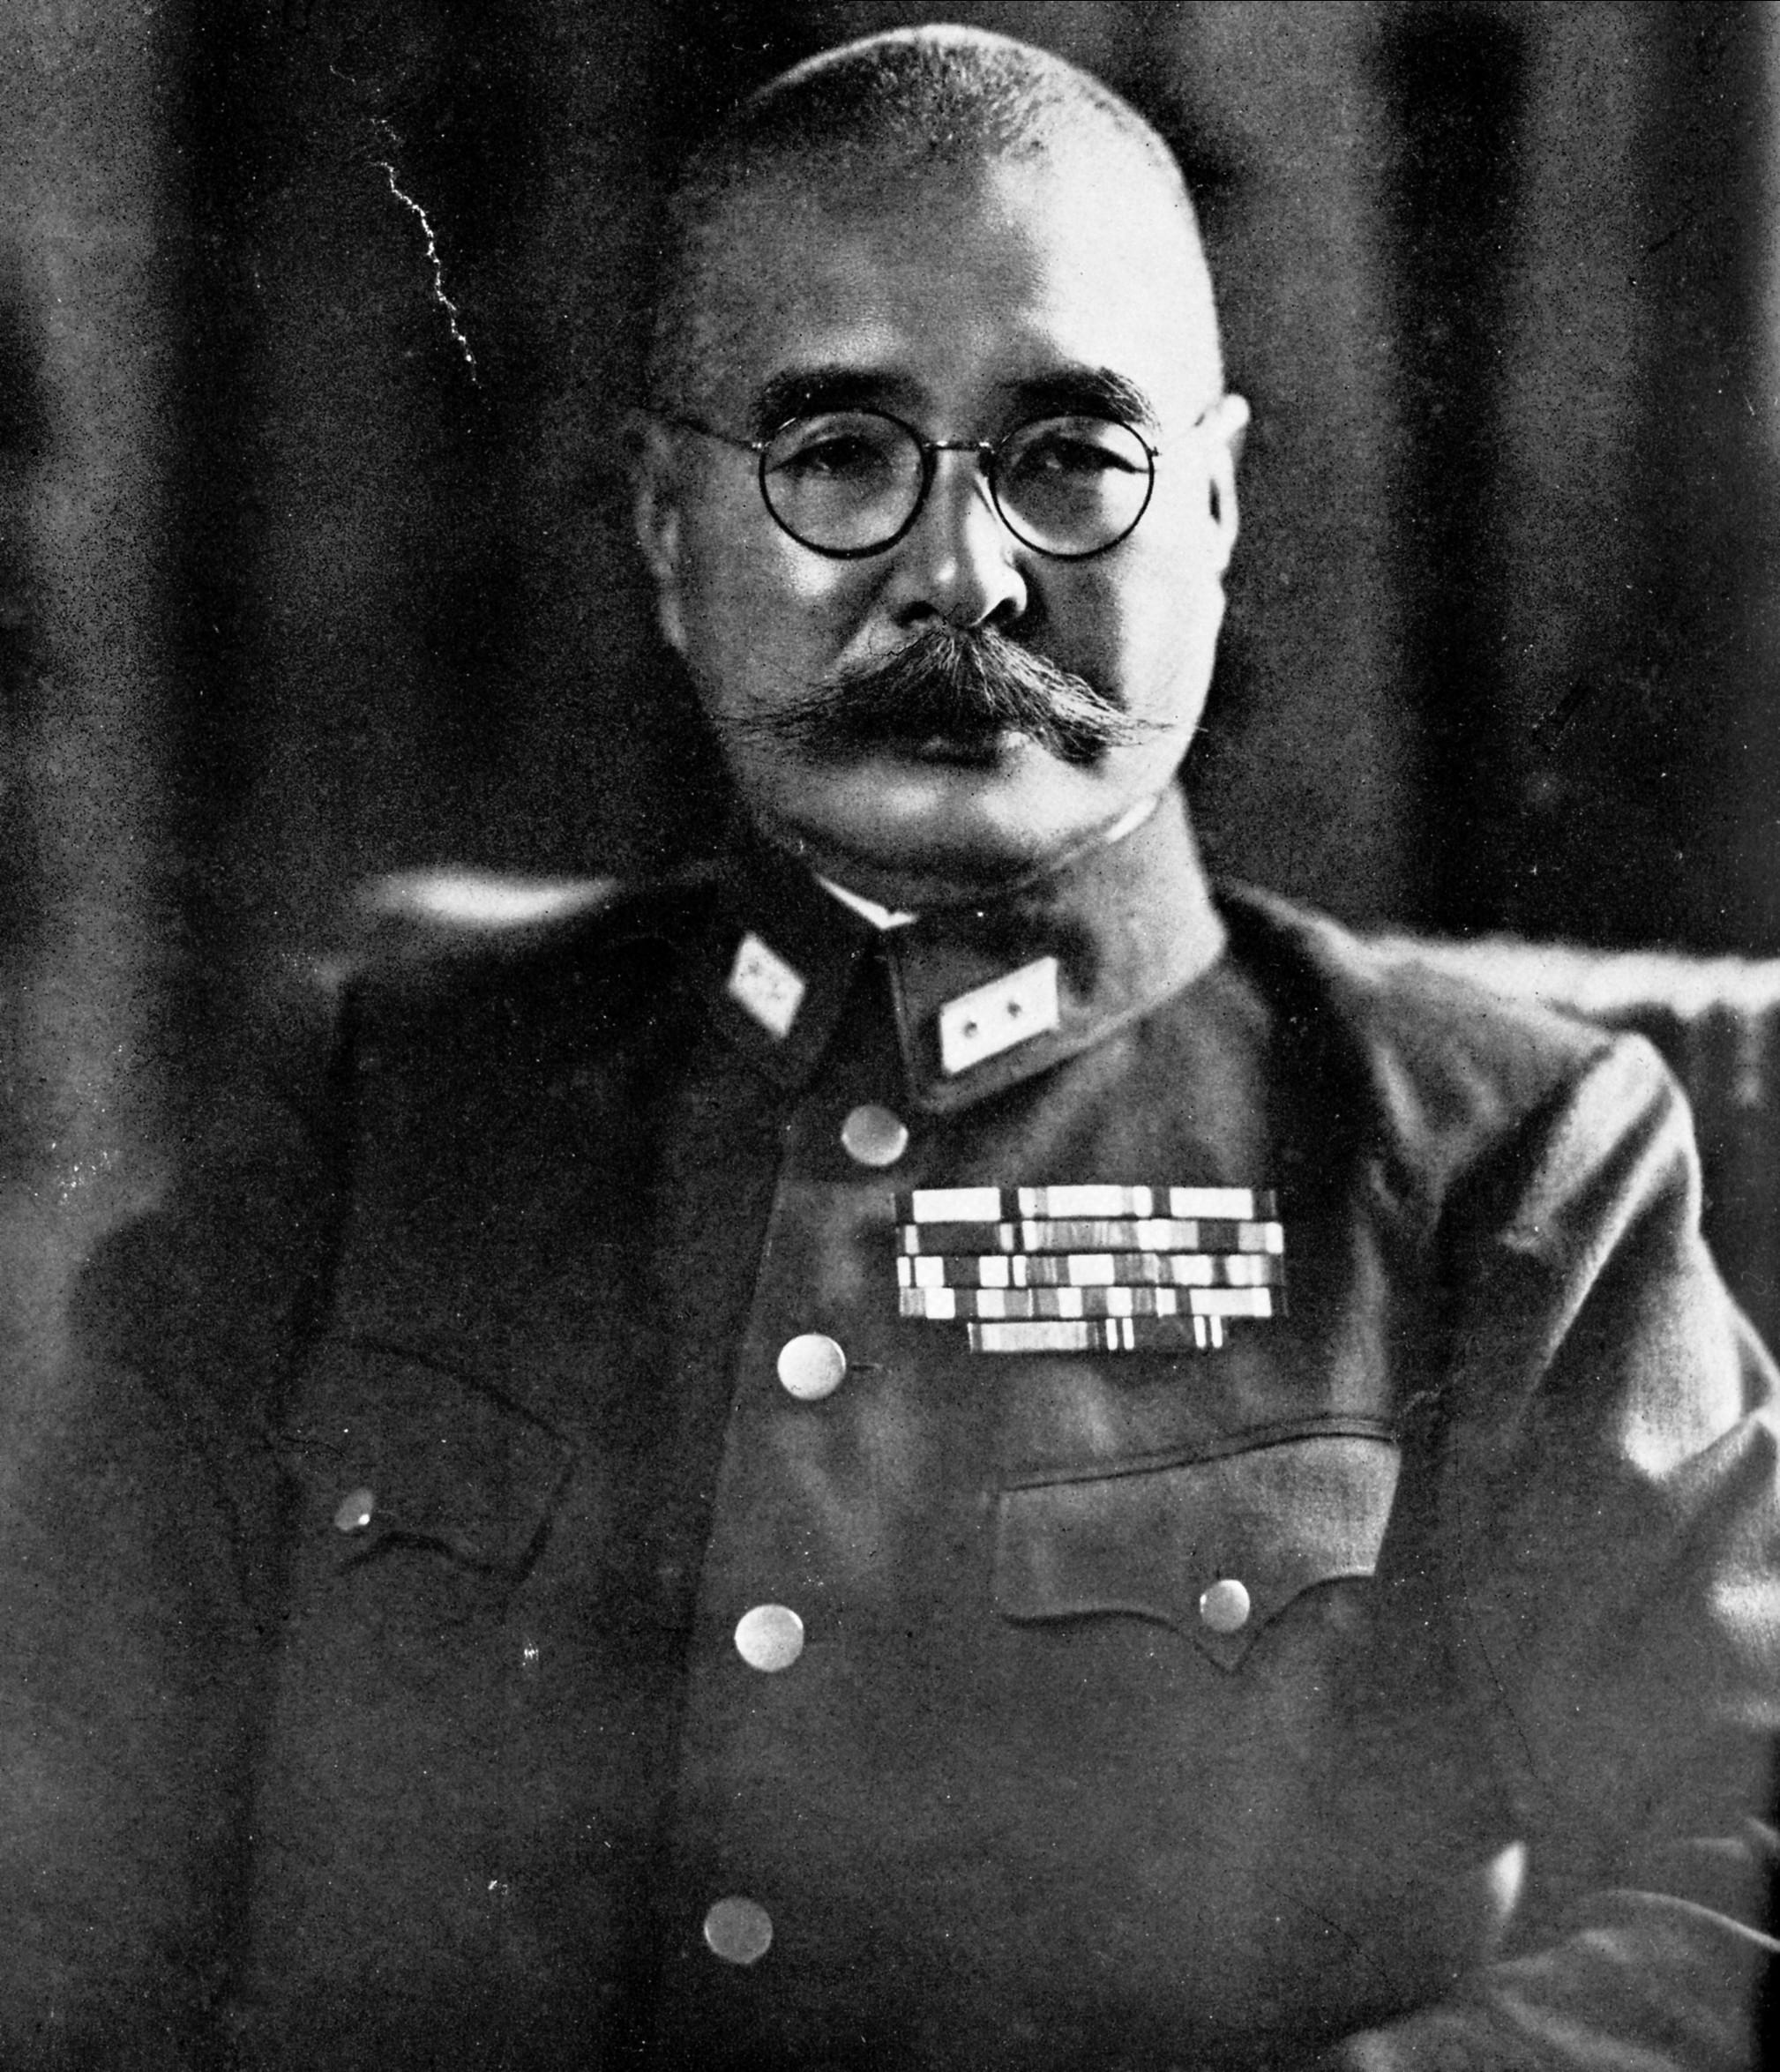 台灣台北第十方面軍司令官安藤利吉將軍